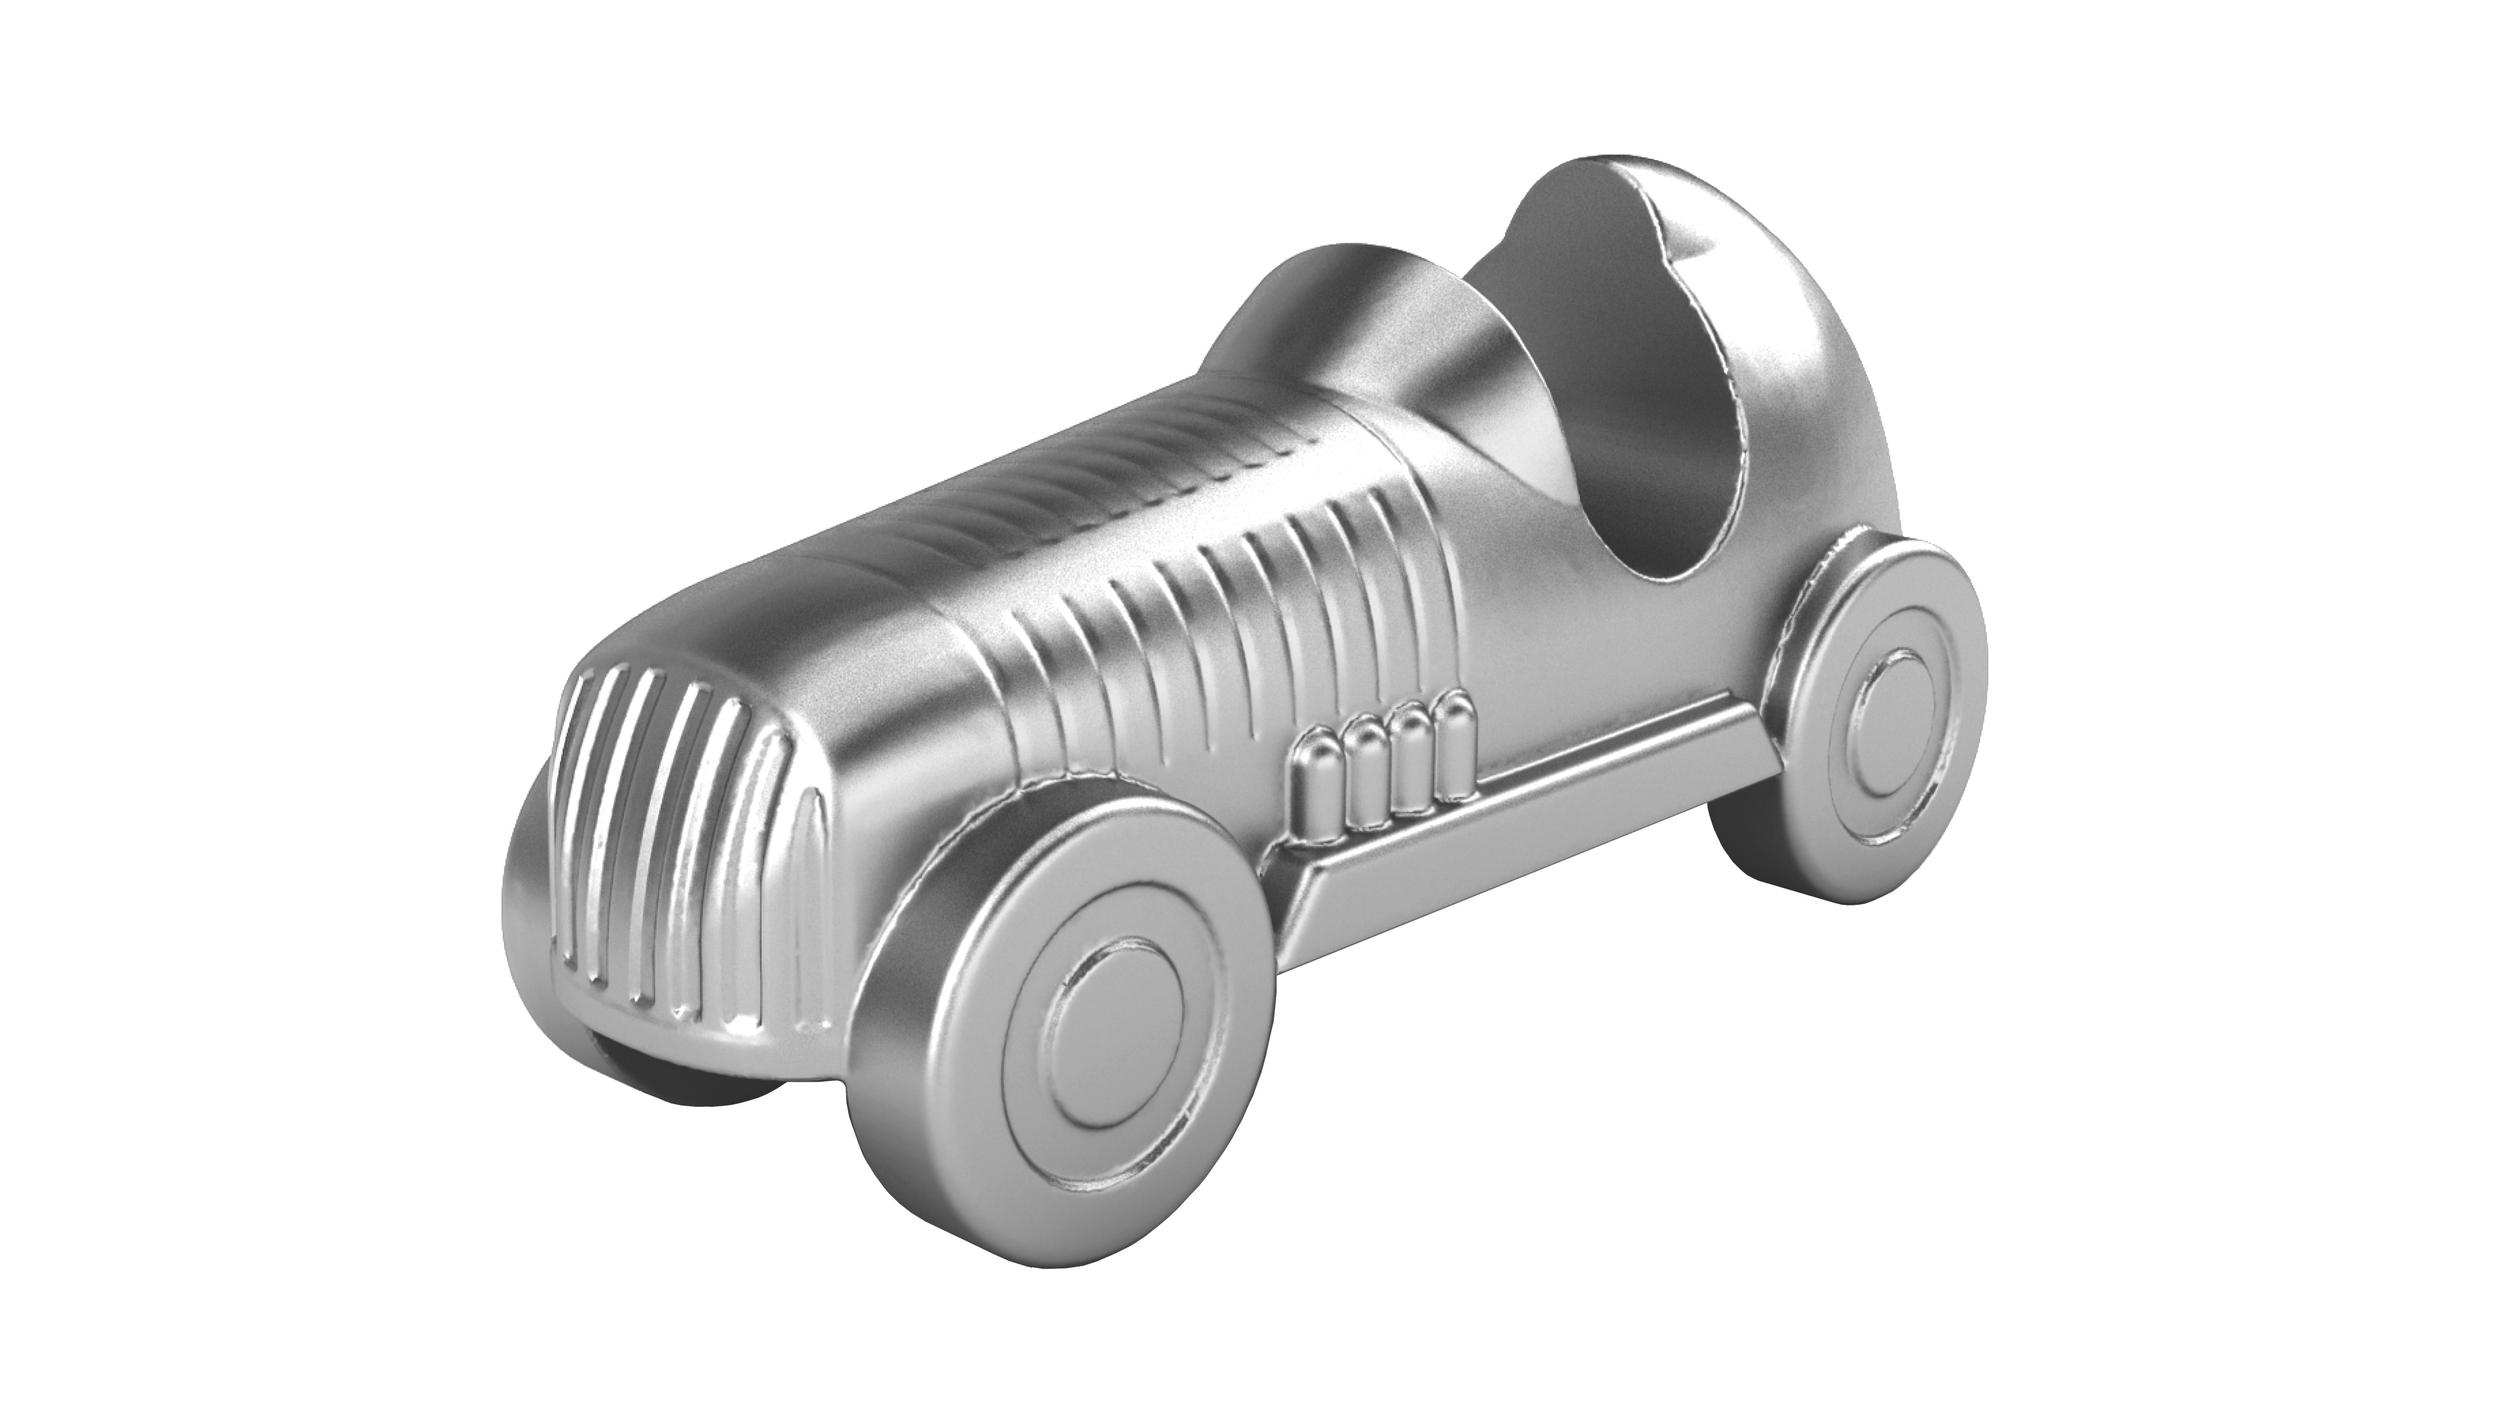 mono-tm-car-large-300dpi-1